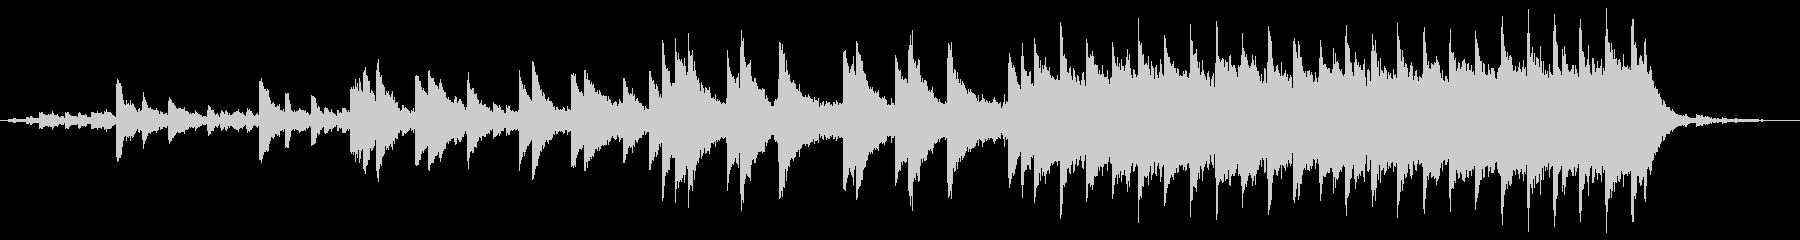 切ない、悲しい、ピアノソロの未再生の波形